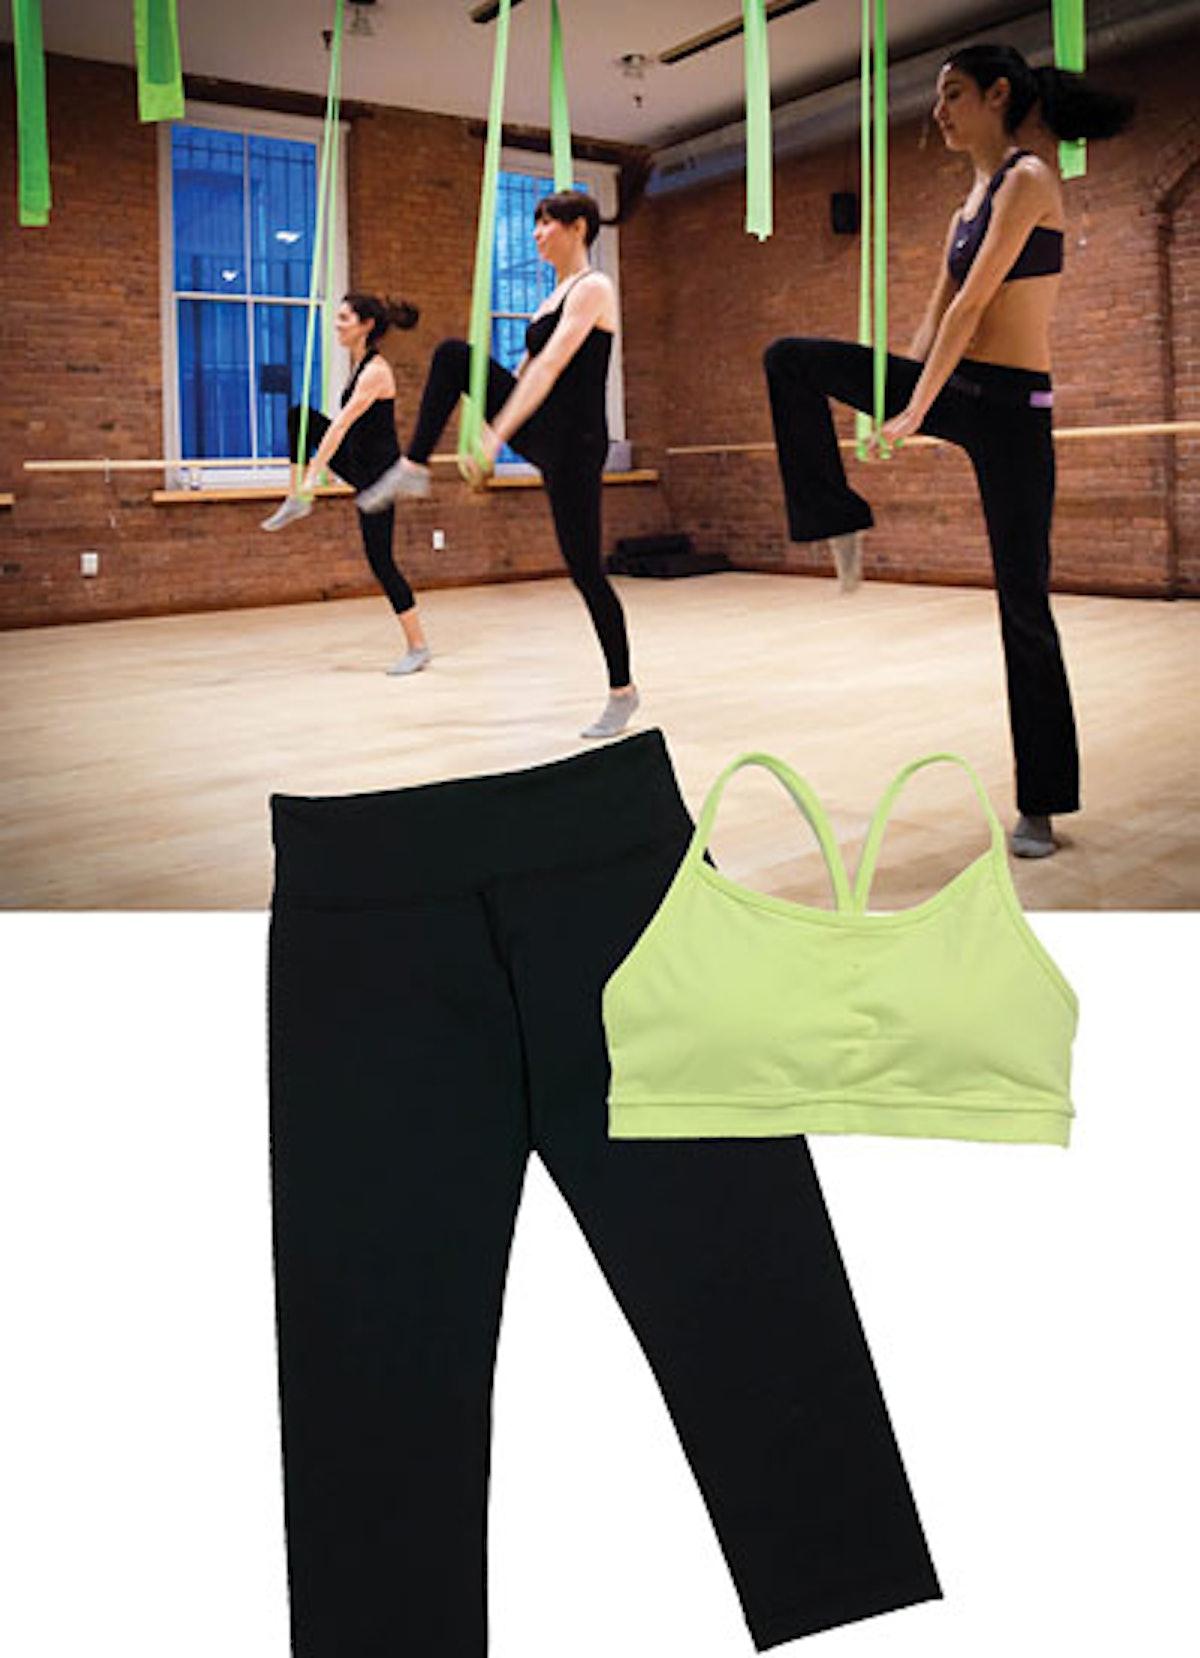 fass-workout-03-v.jpg